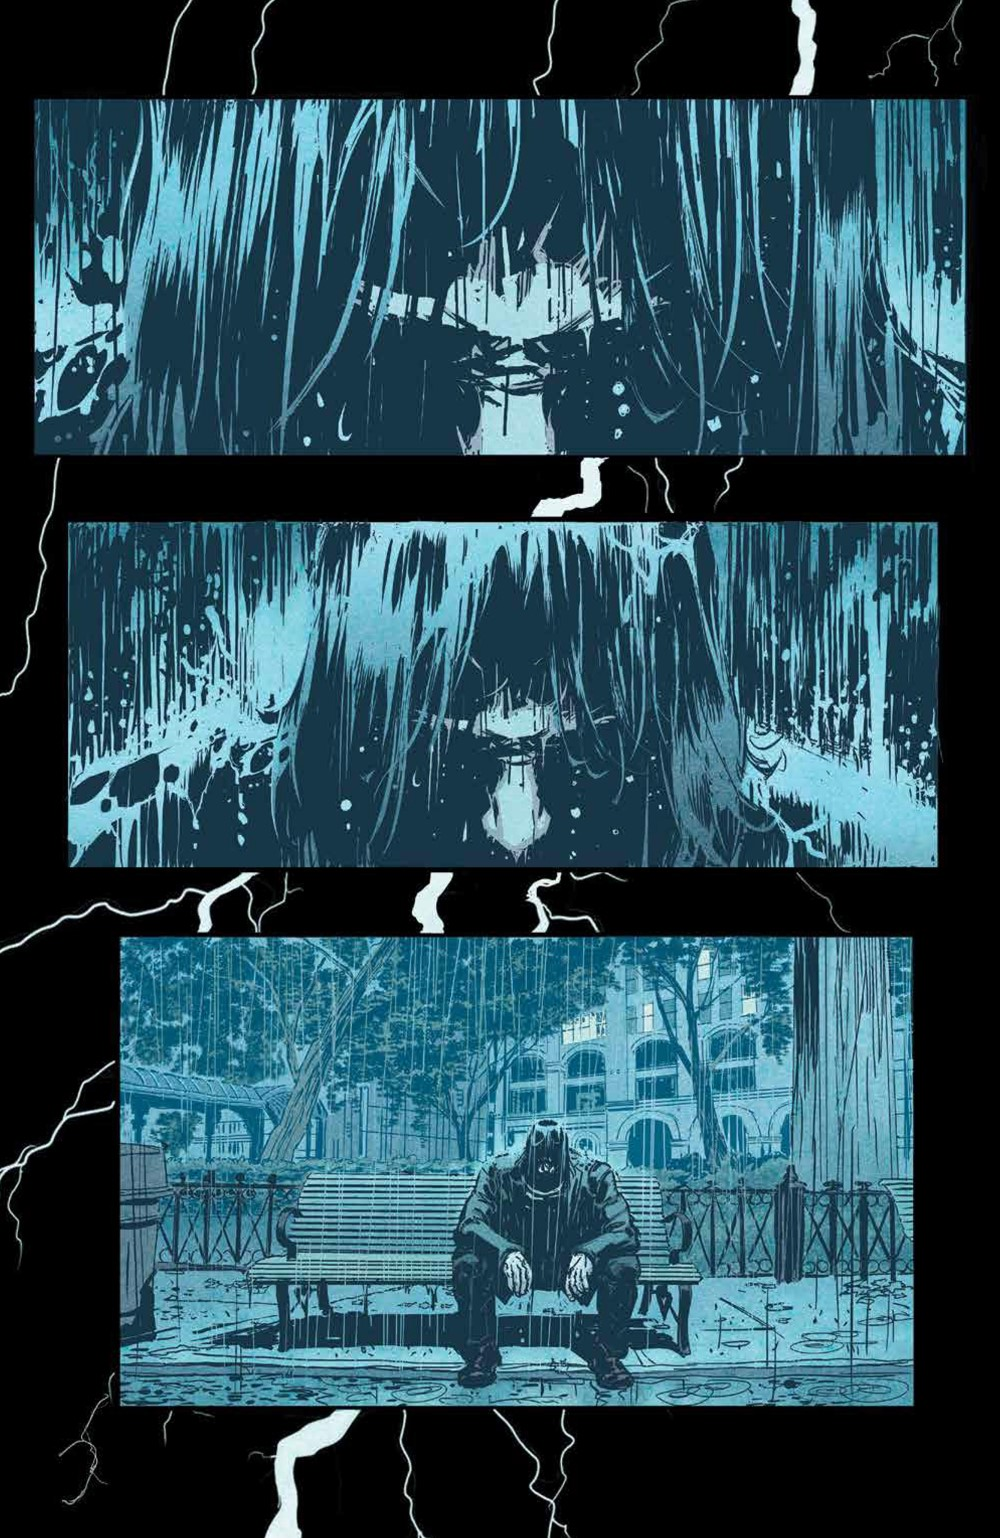 BRZRKR_v1_SC_PRESS_9 ComicList Previews: BRZRKR VOLUME 1 TP